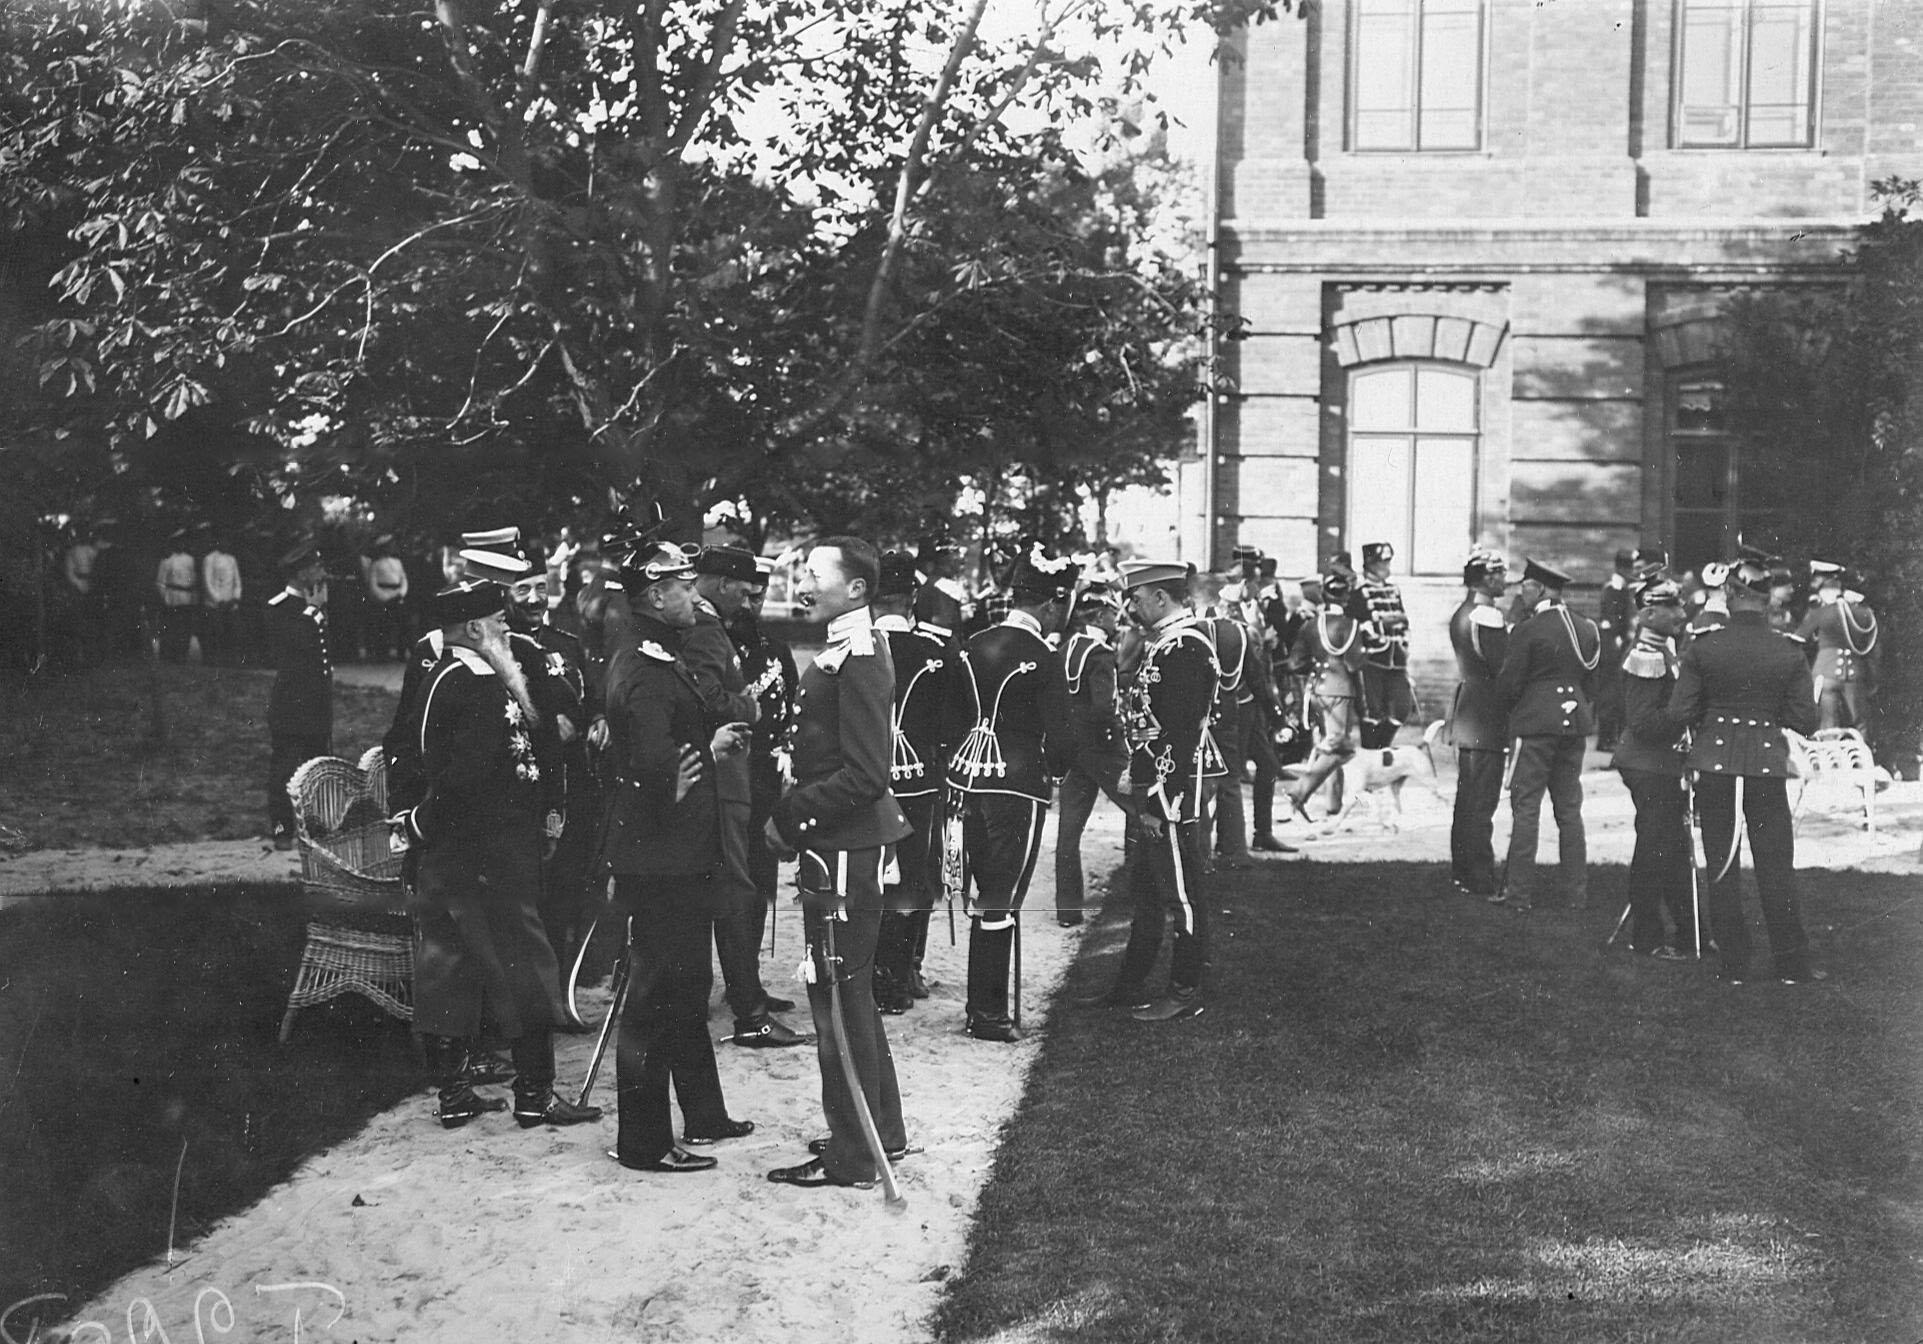 Офицеры прусских уланских и гусарских полков беседуют с офицерами Уланского полка в дворцовом саду в день празднования 250-летнего юбилея полка